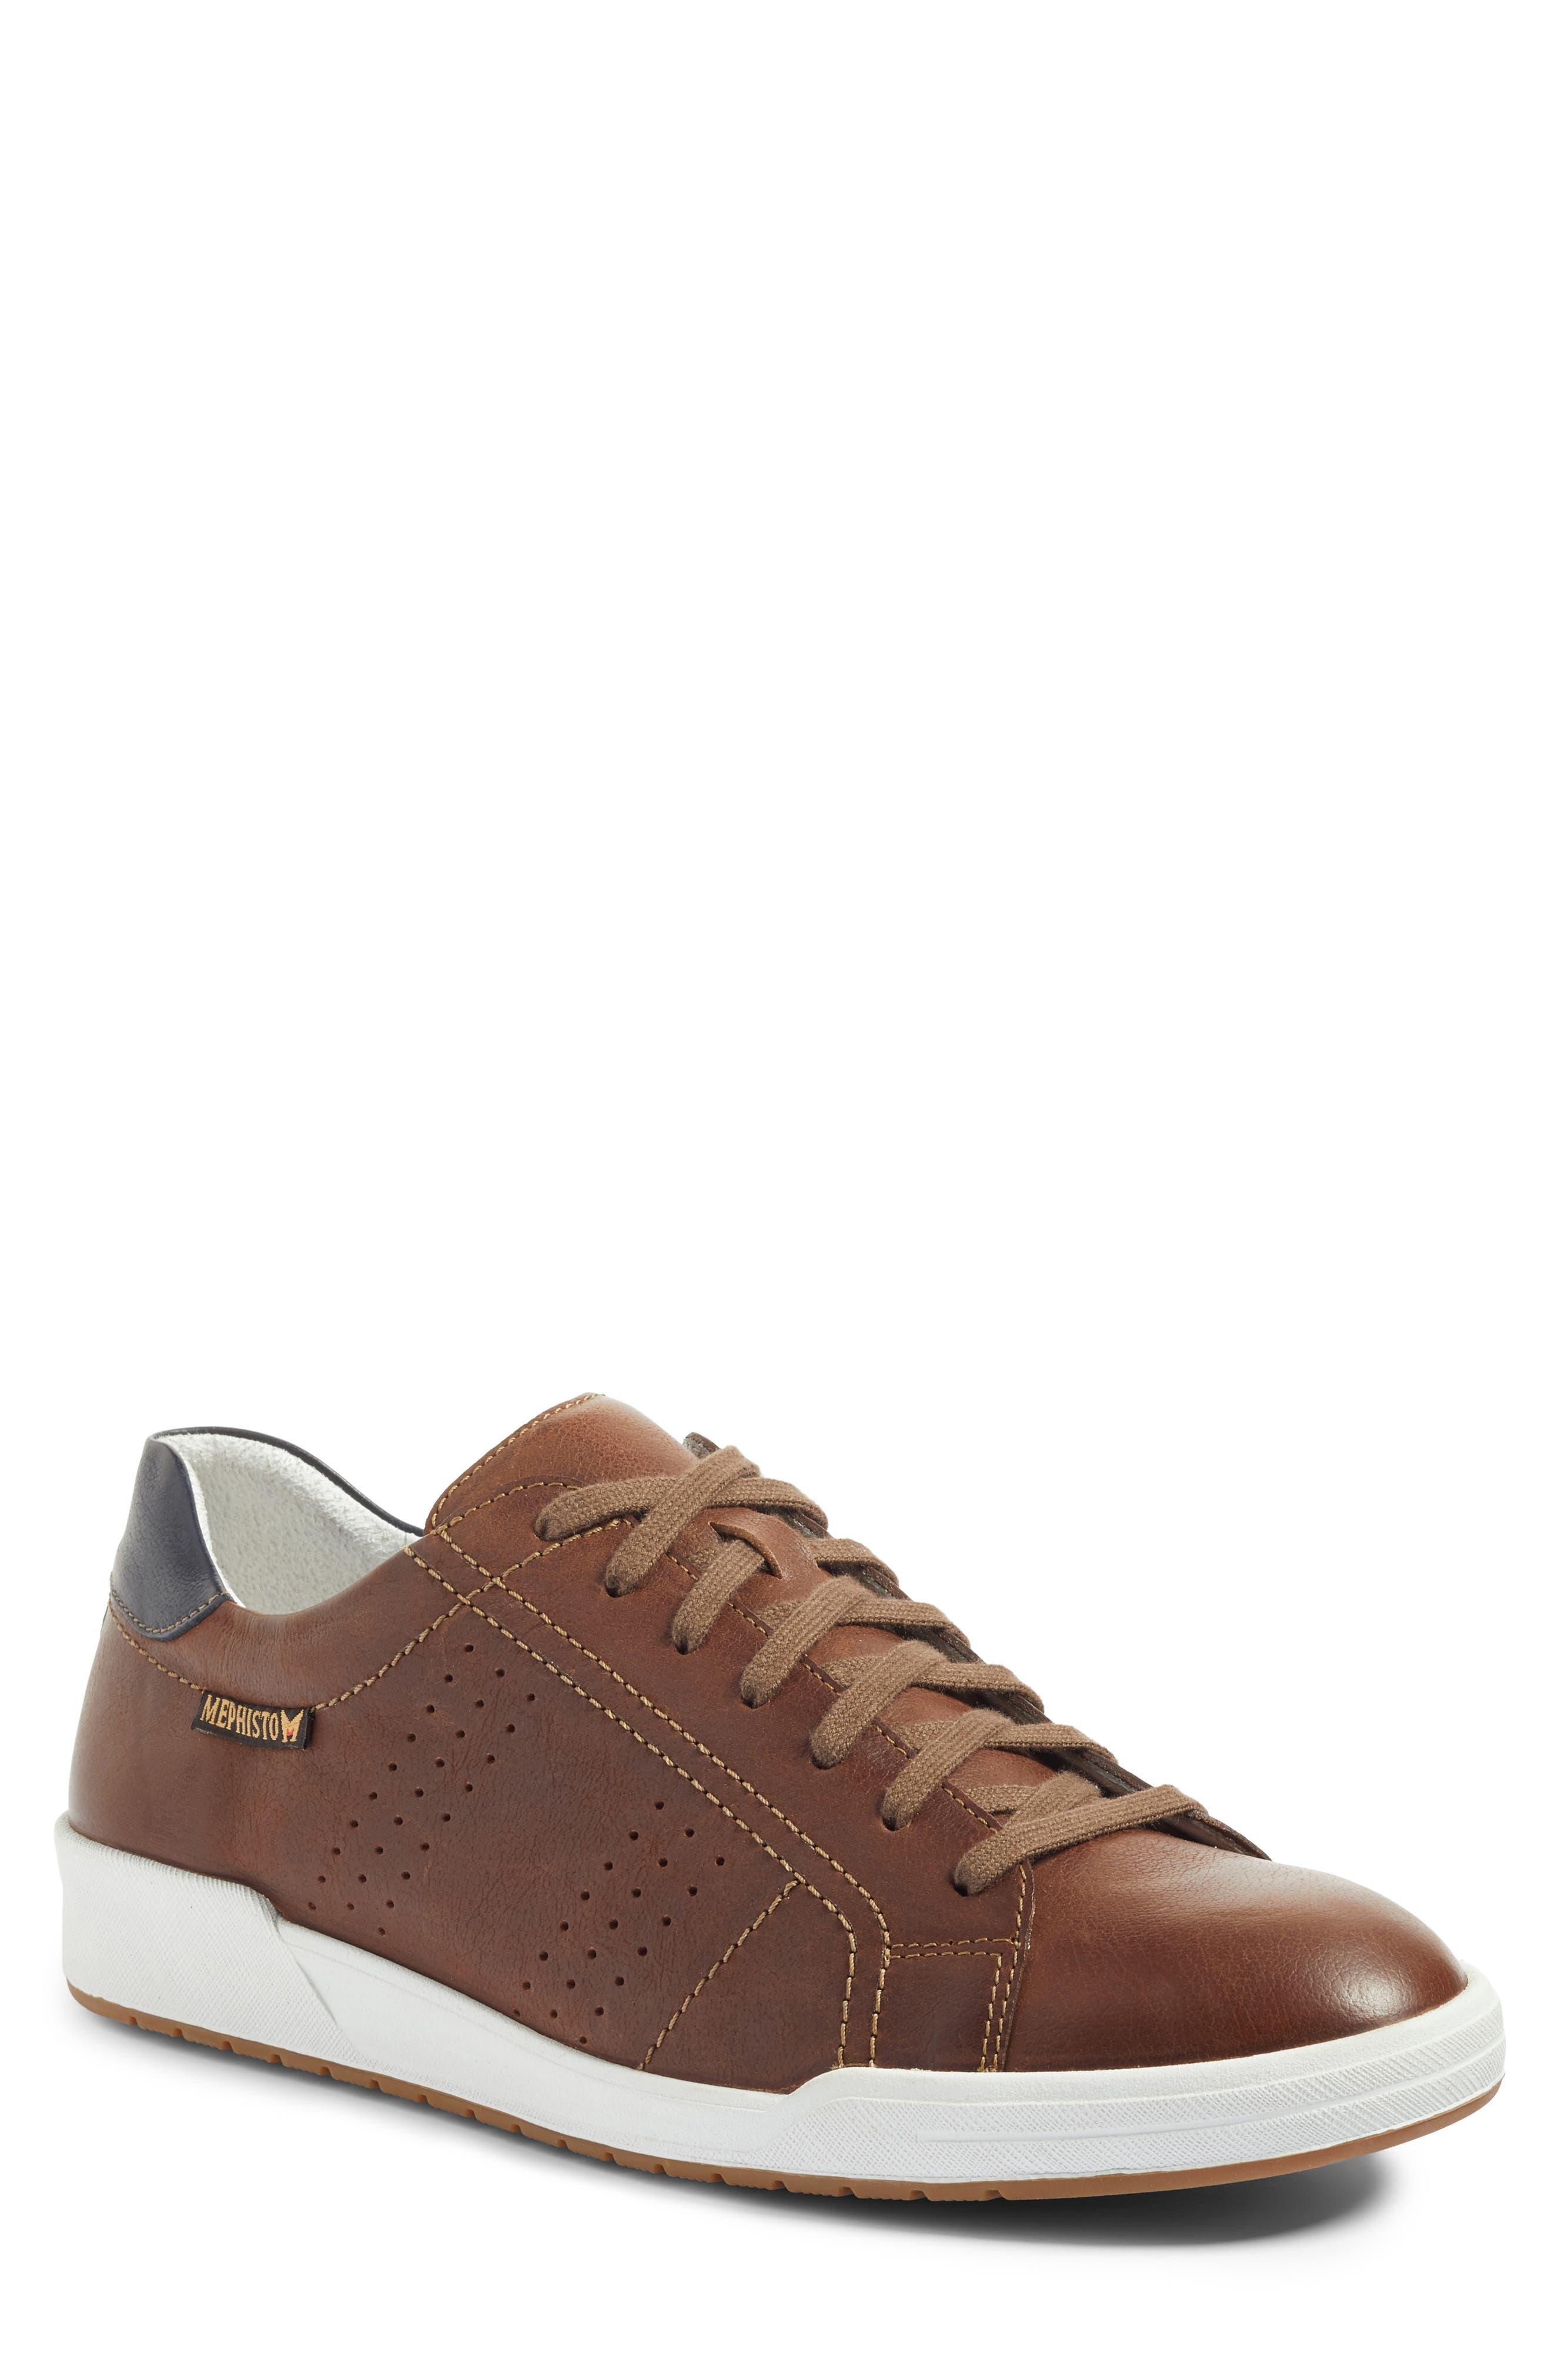 MEPHISTO Rufo Sneaker, Main, color, 217